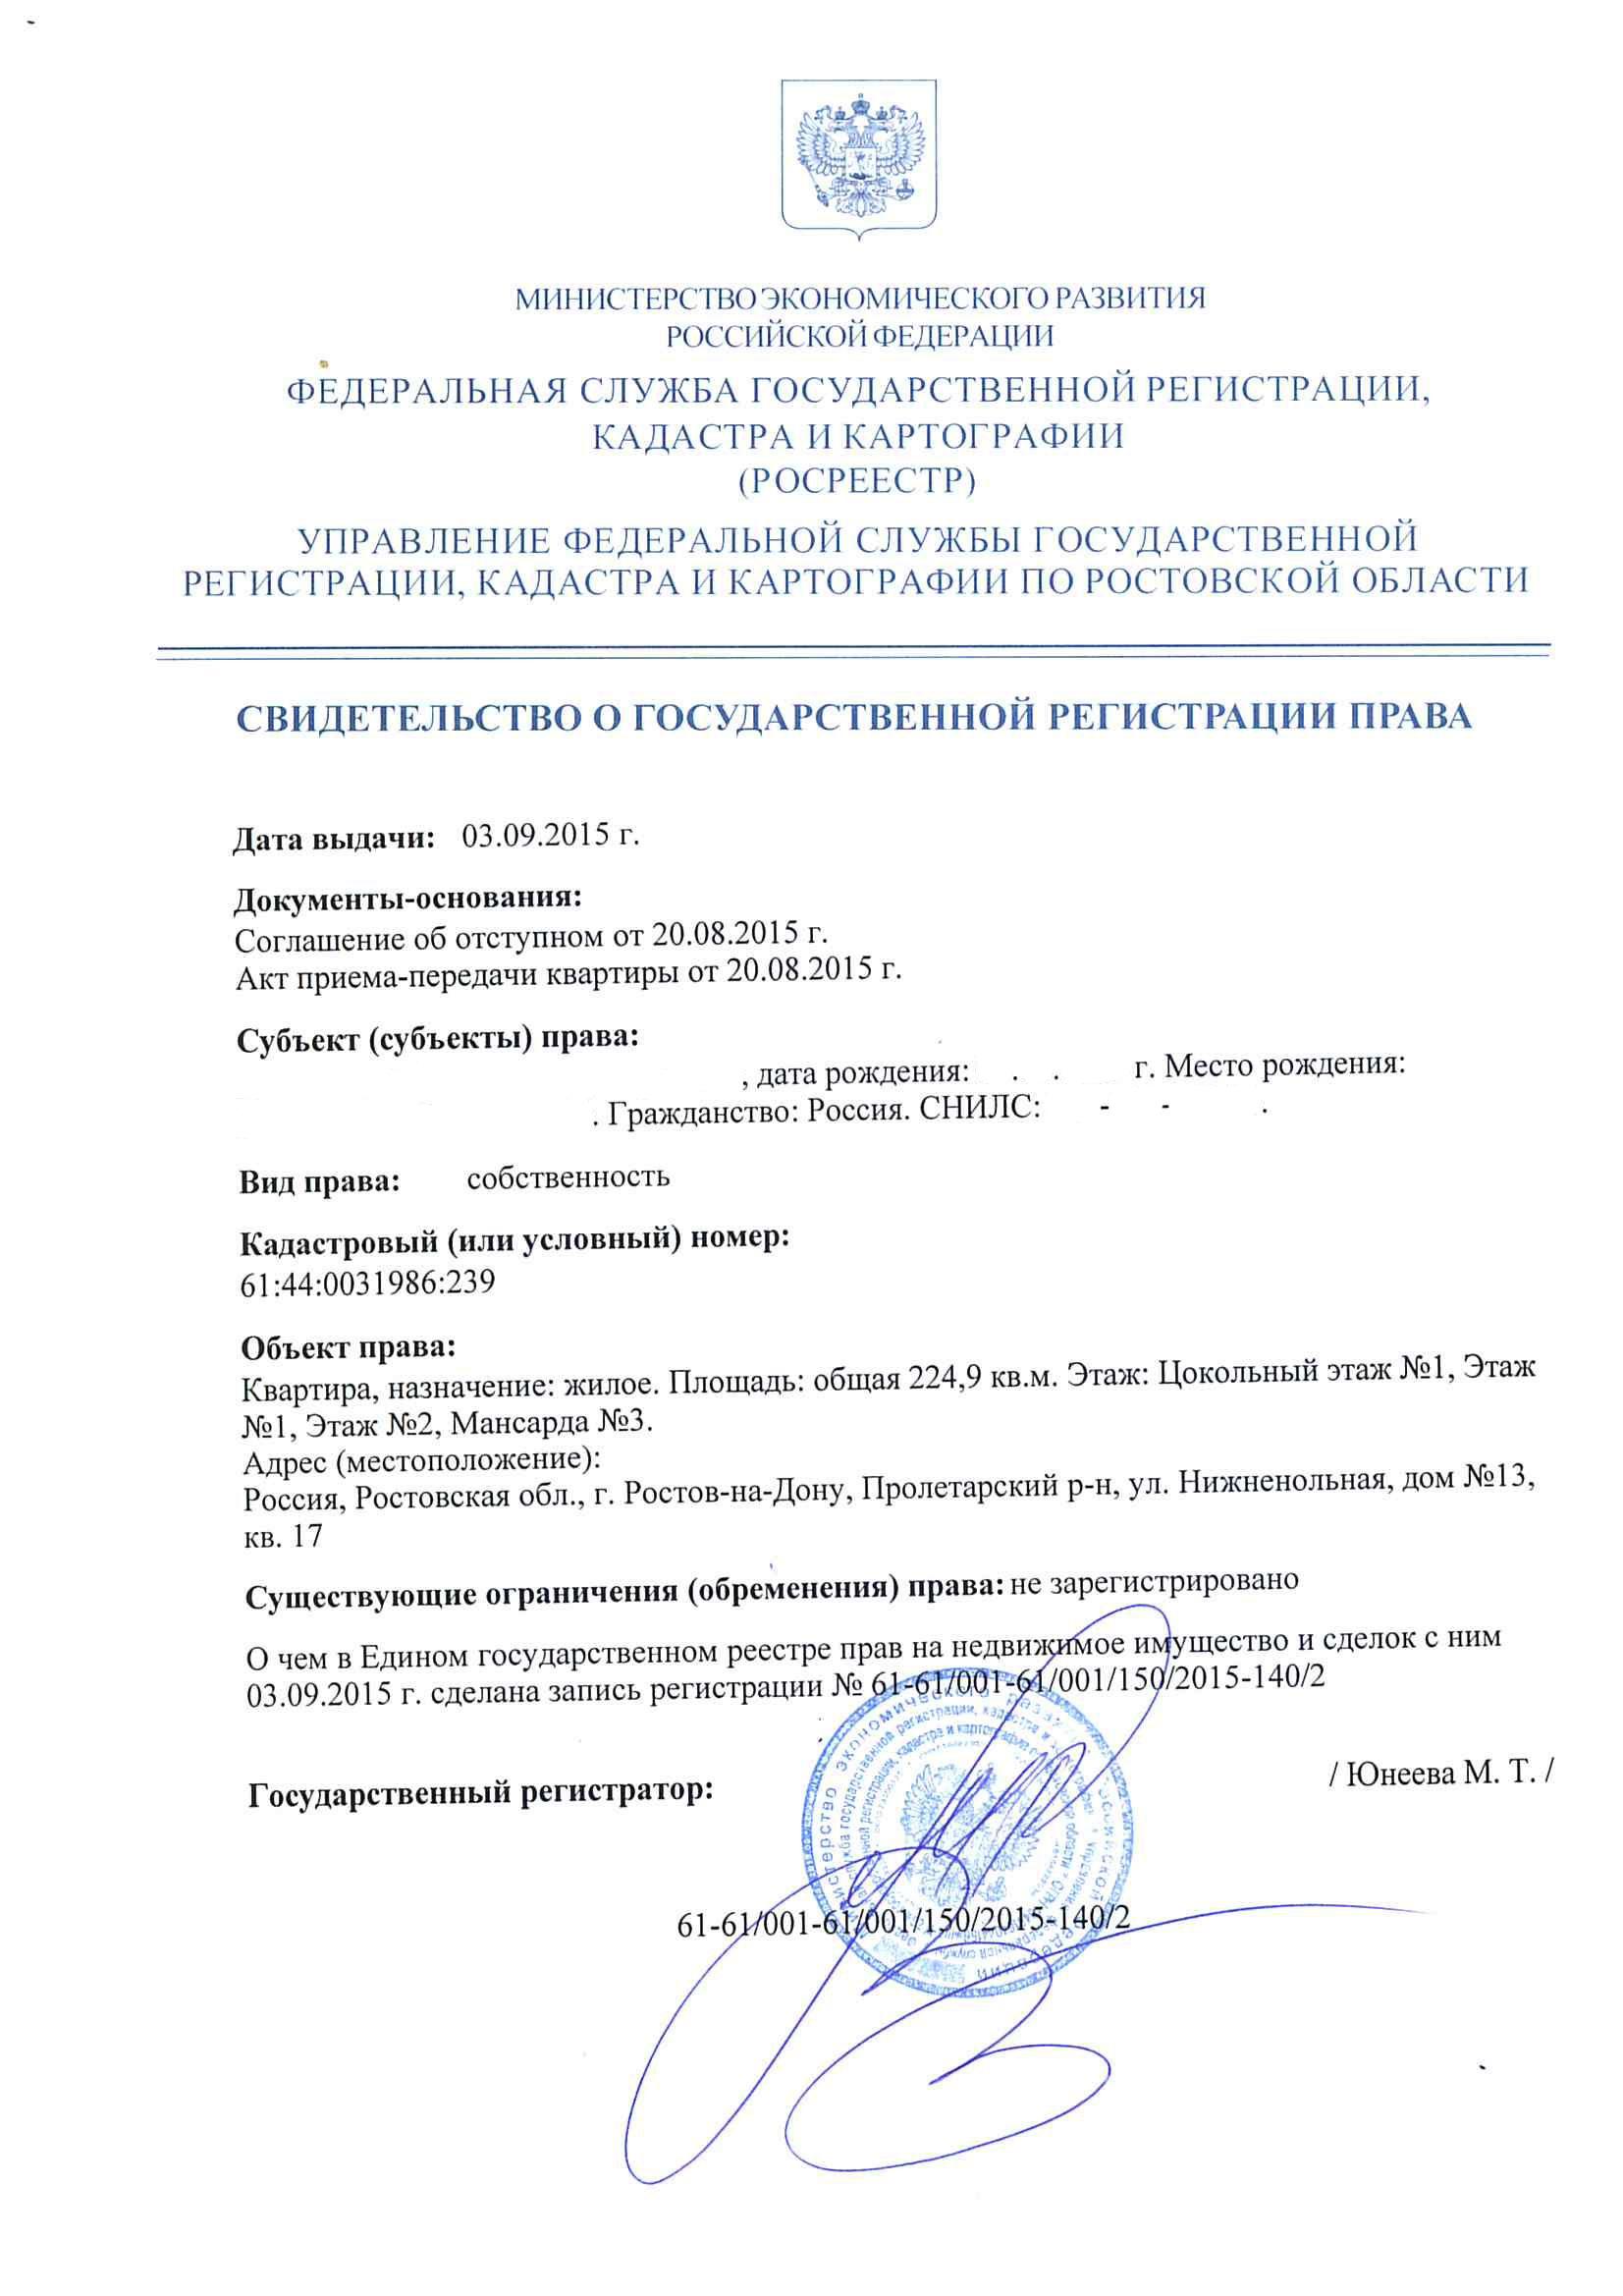 Свидетельство о гос регистрации квартира 17 бронь